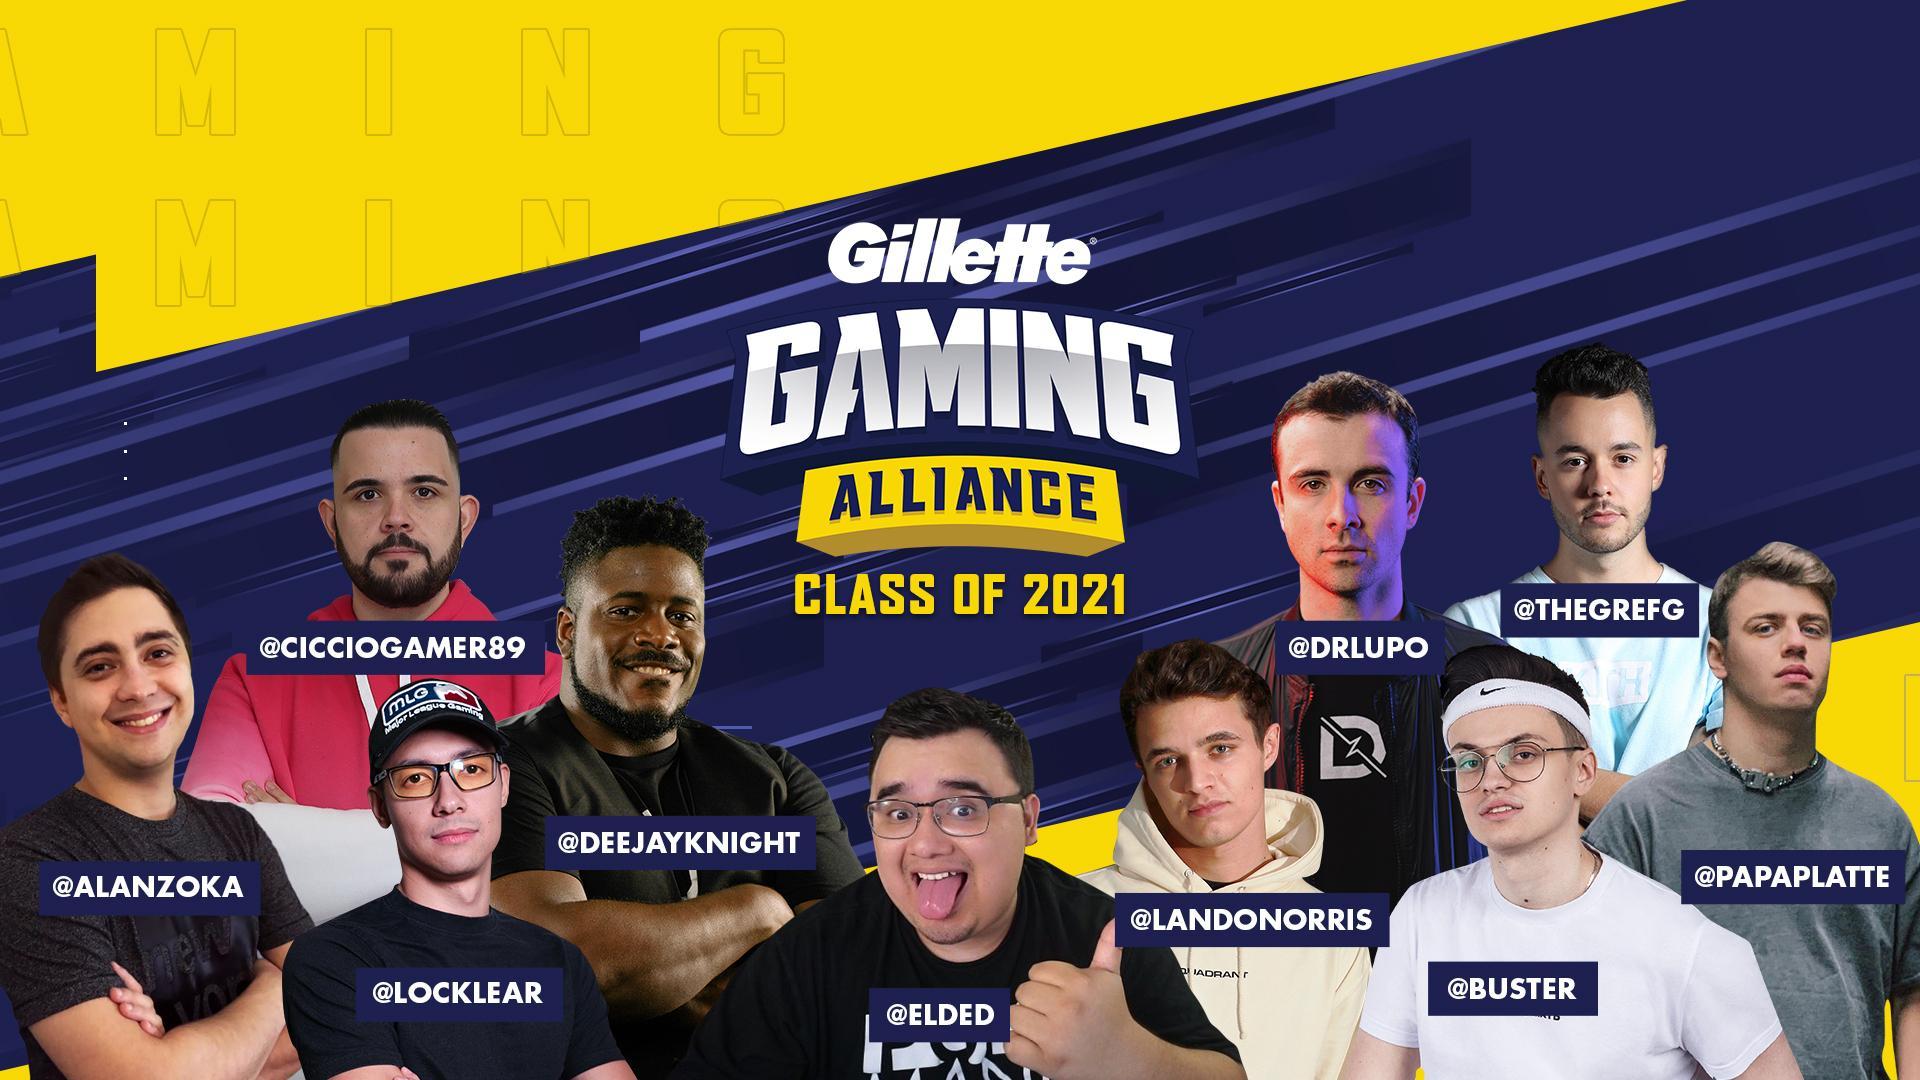 Gillette решила возродить Геймерский альянс